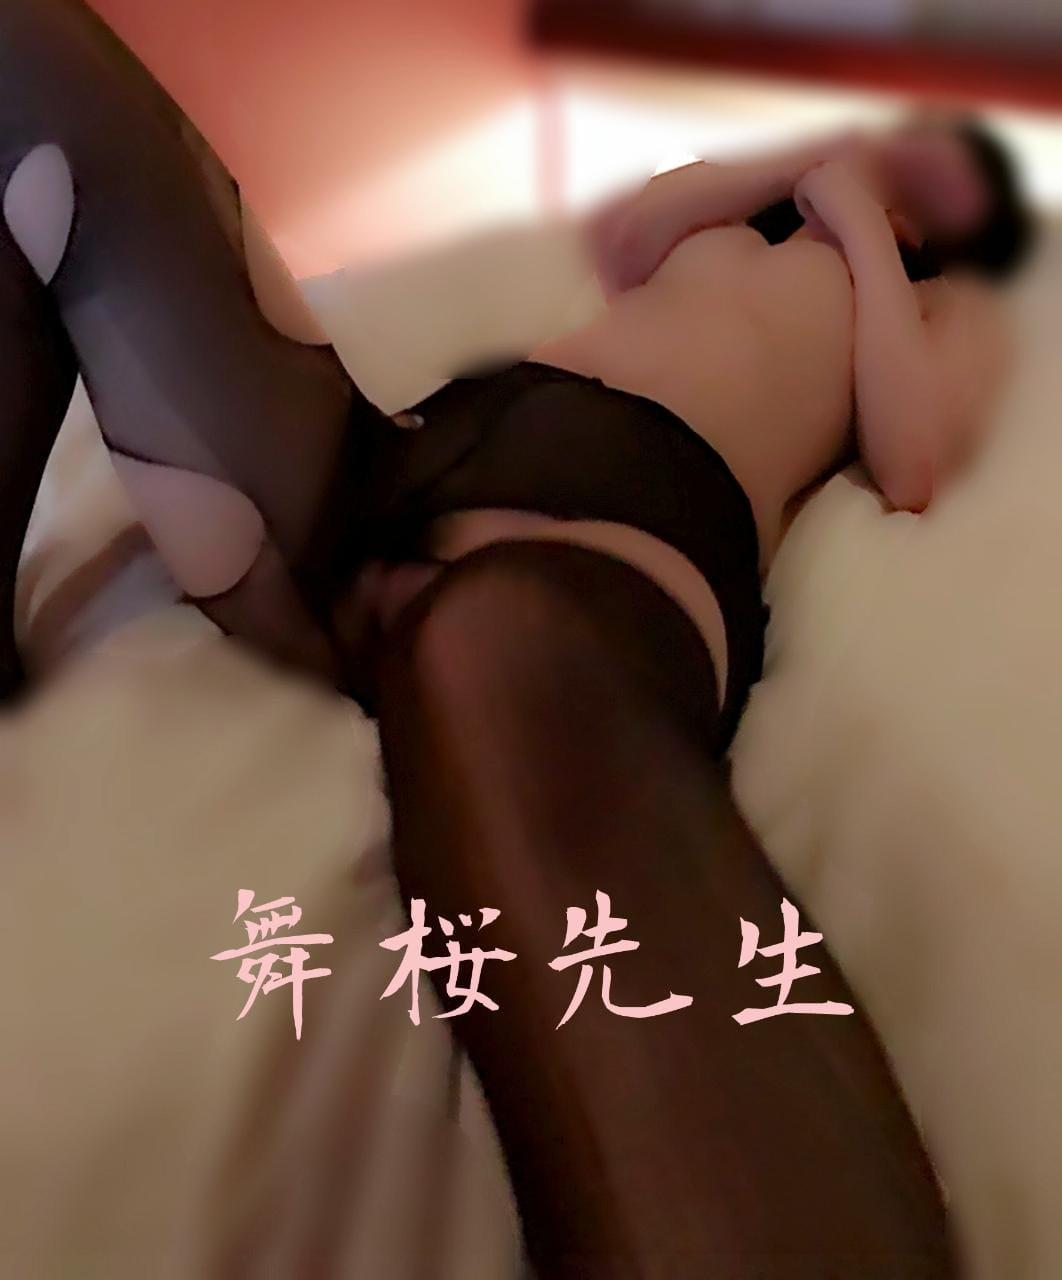 土屋 舞桜「犯したい?犯されたい?」06/21(木) 18:55   土屋 舞桜の写メ・風俗動画